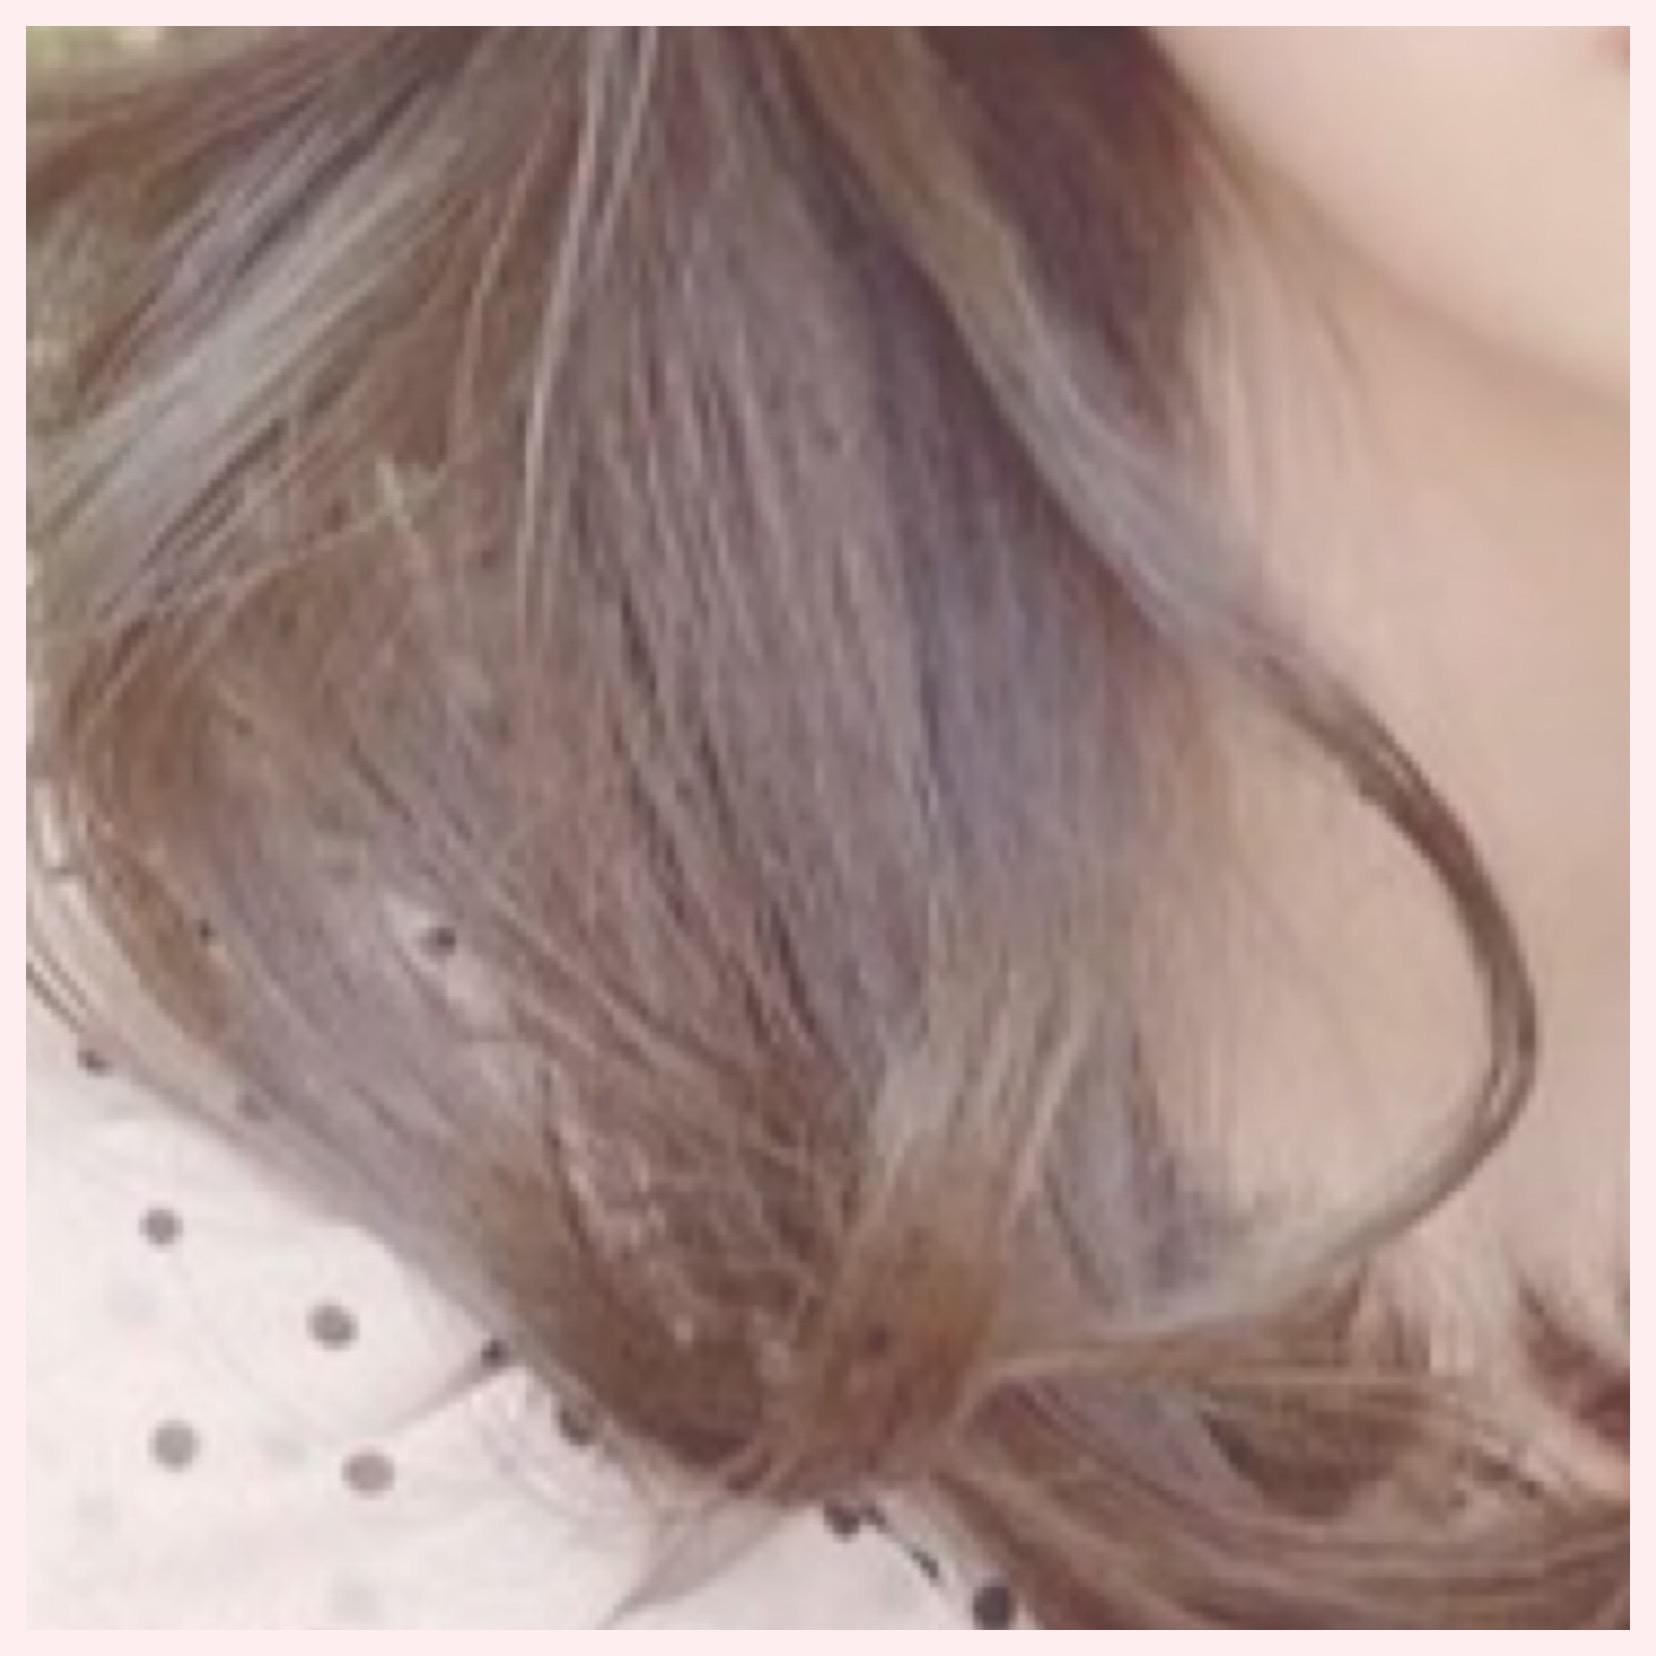 「みれい☆」05/05(水) 20:49 | みれいの写メ・風俗動画